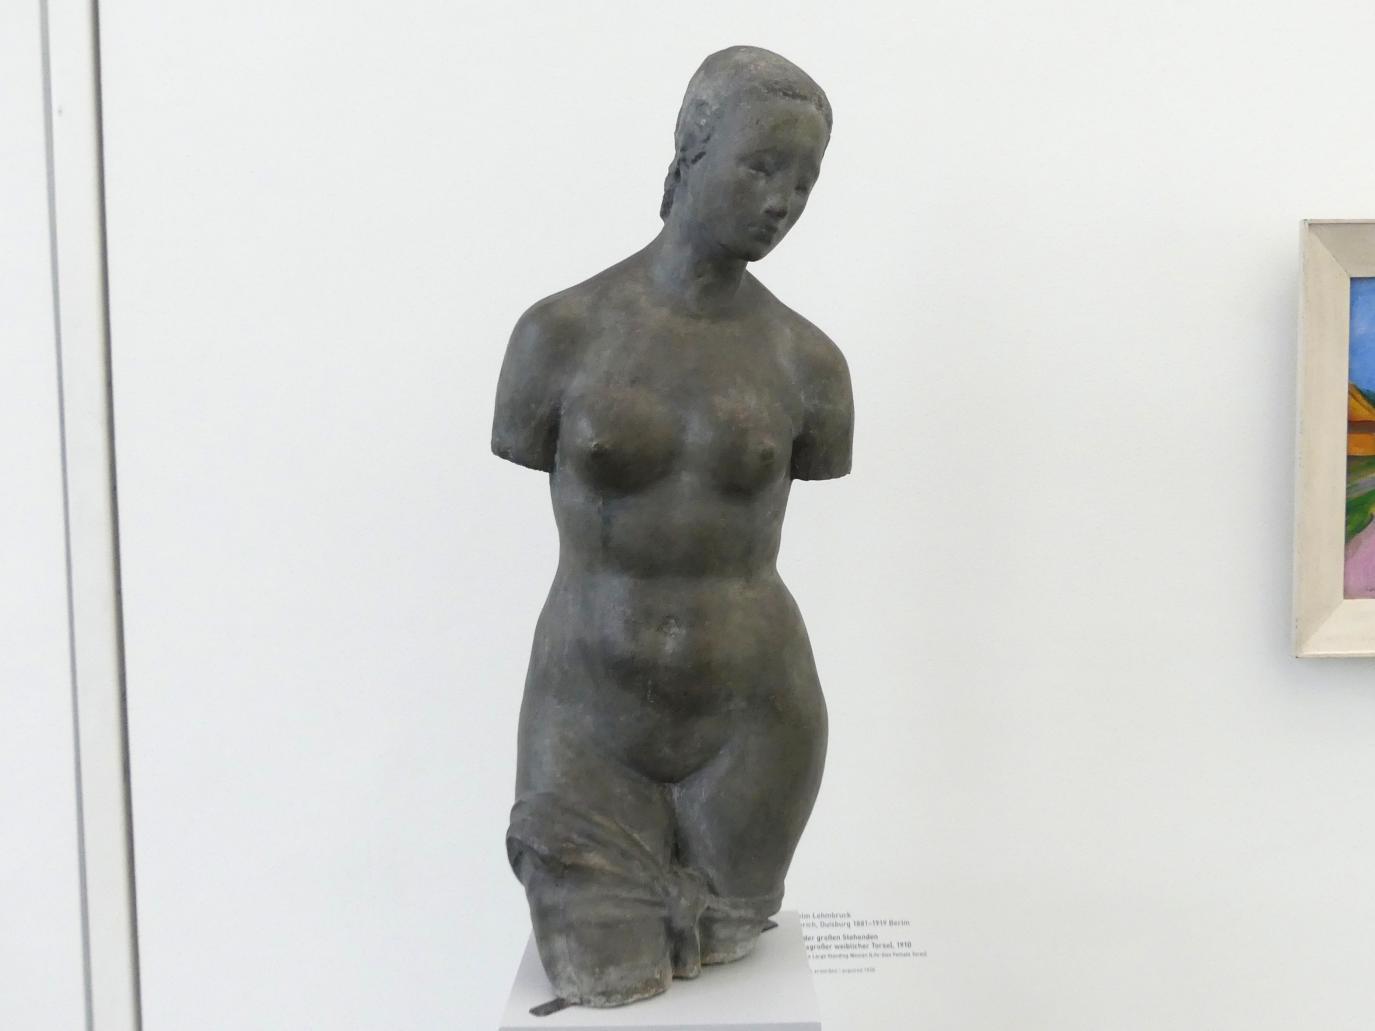 Wilhelm Lehmbruck: Torso der großen Stehenden (Lebensgroßer weiblicher Torso), 1910